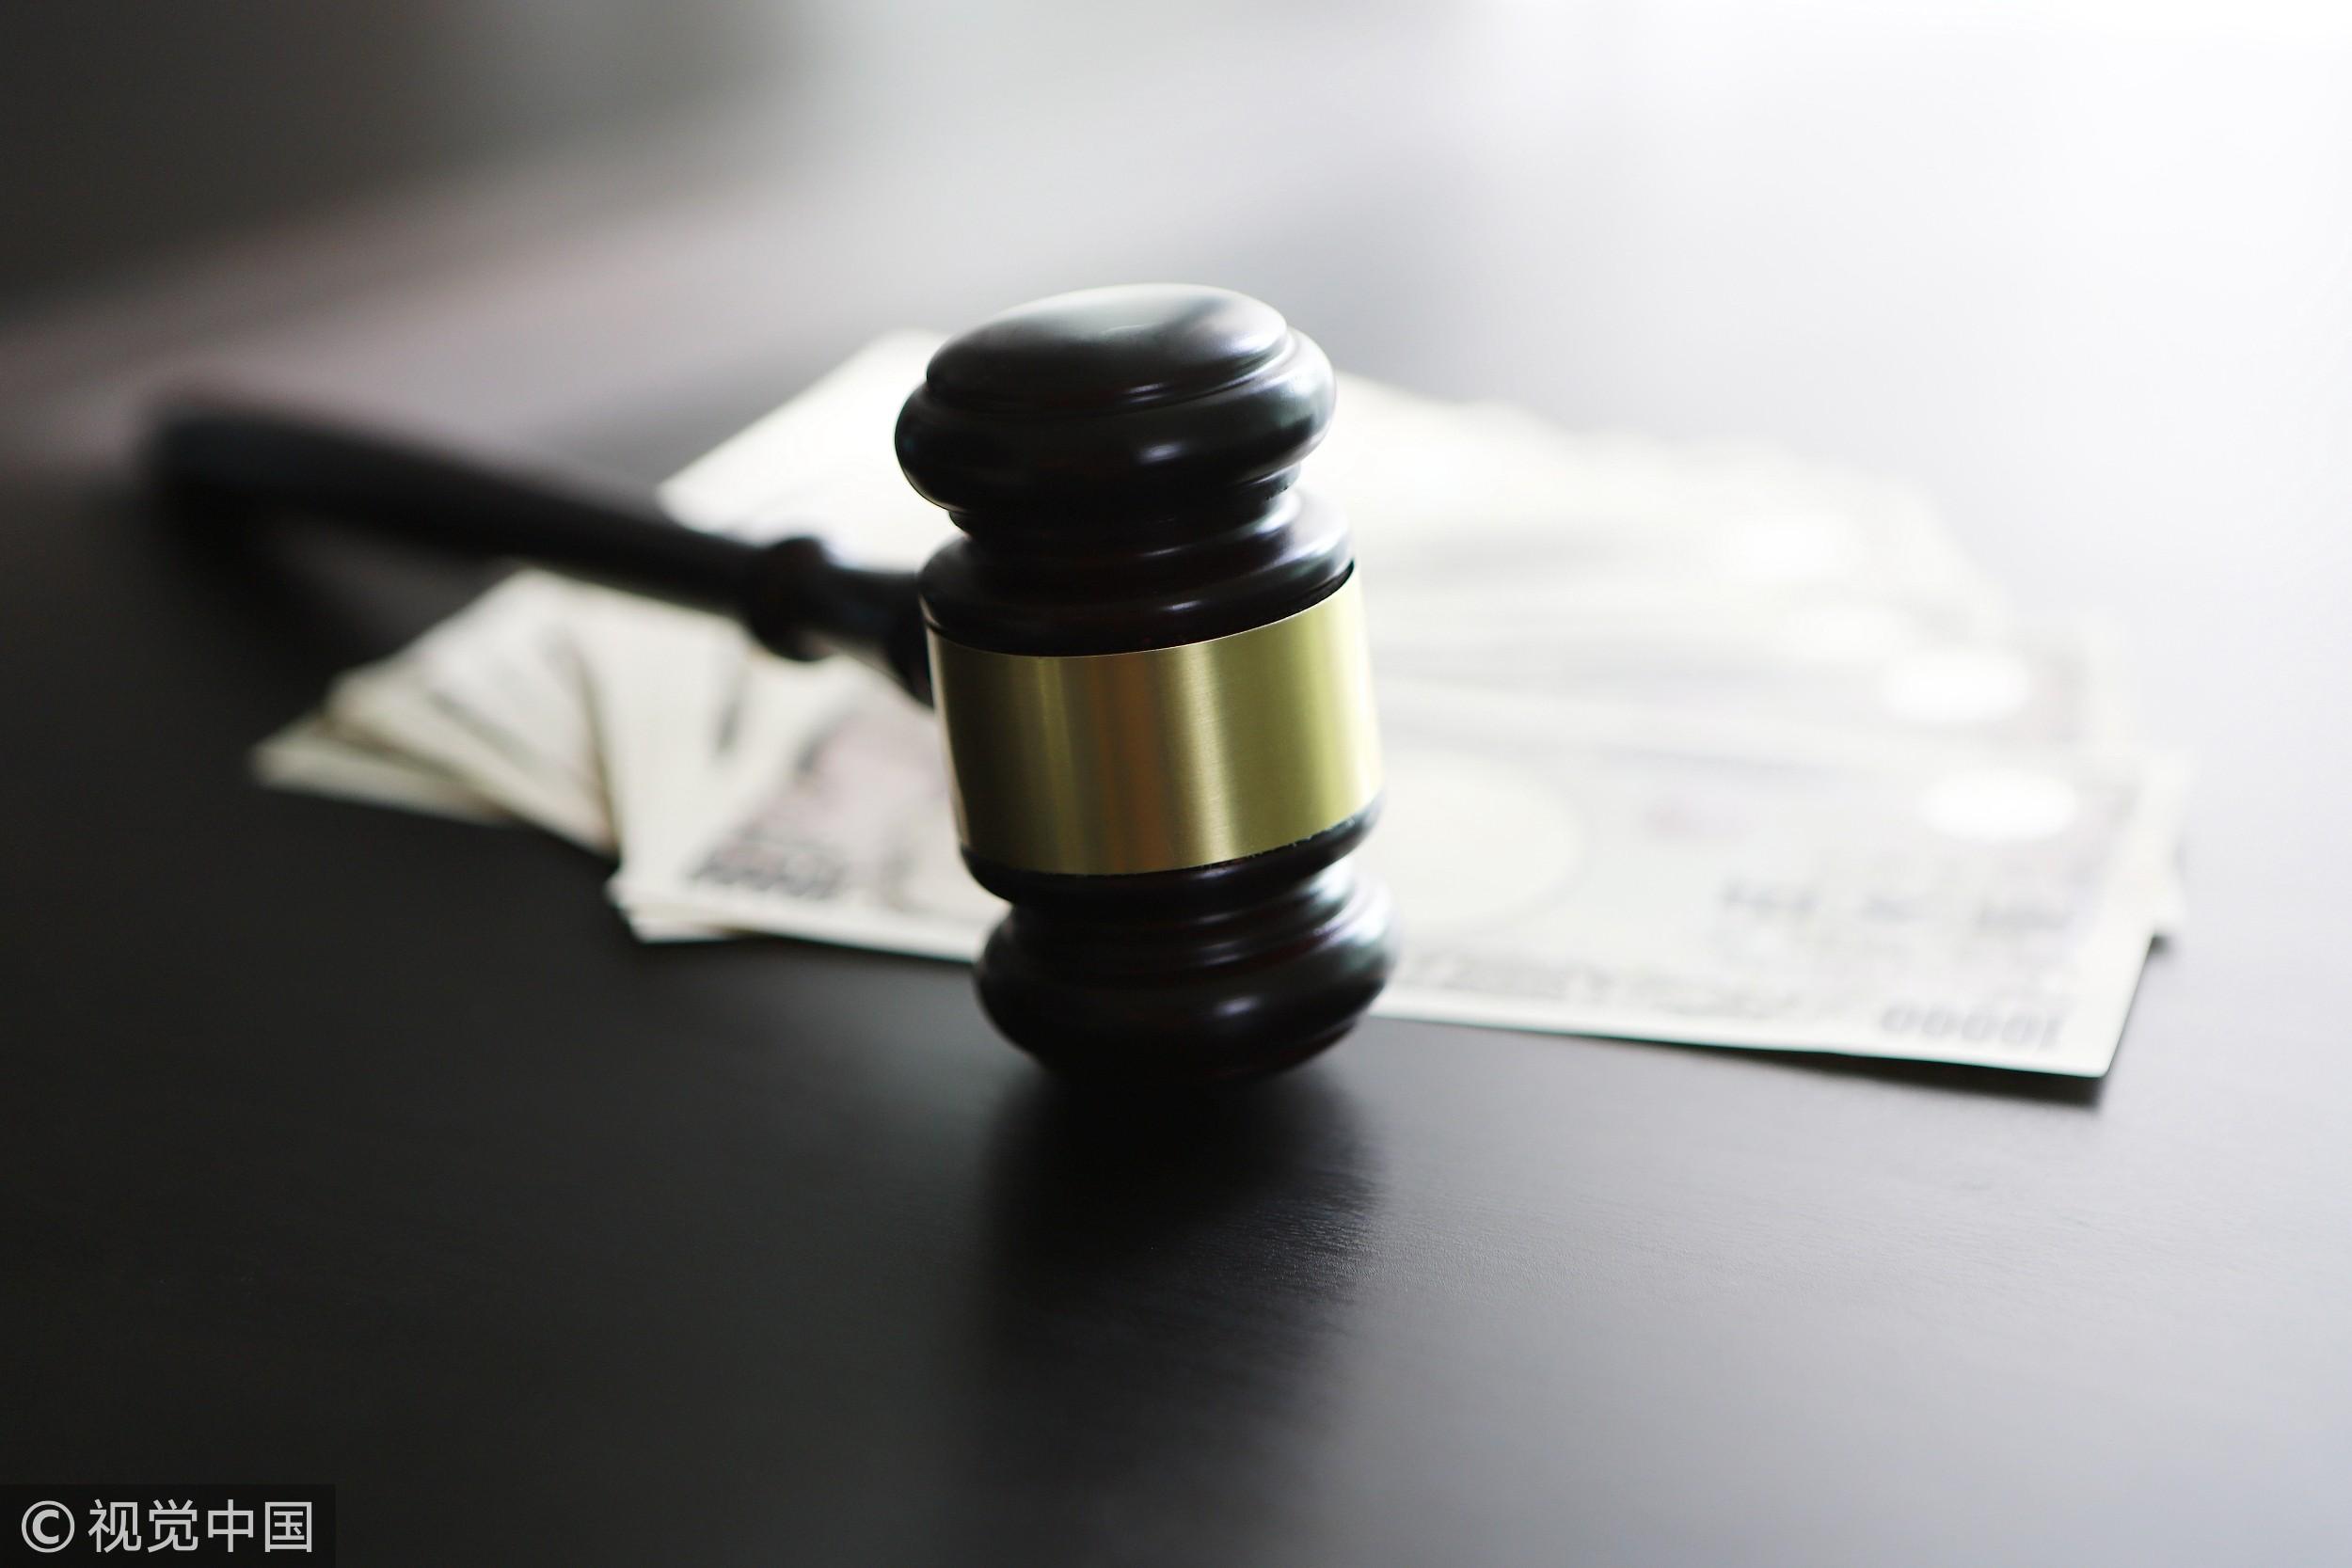 國家賠償法,司法官,賠償責任,行政院,司法院,公務員,法務部,代位求償,人權